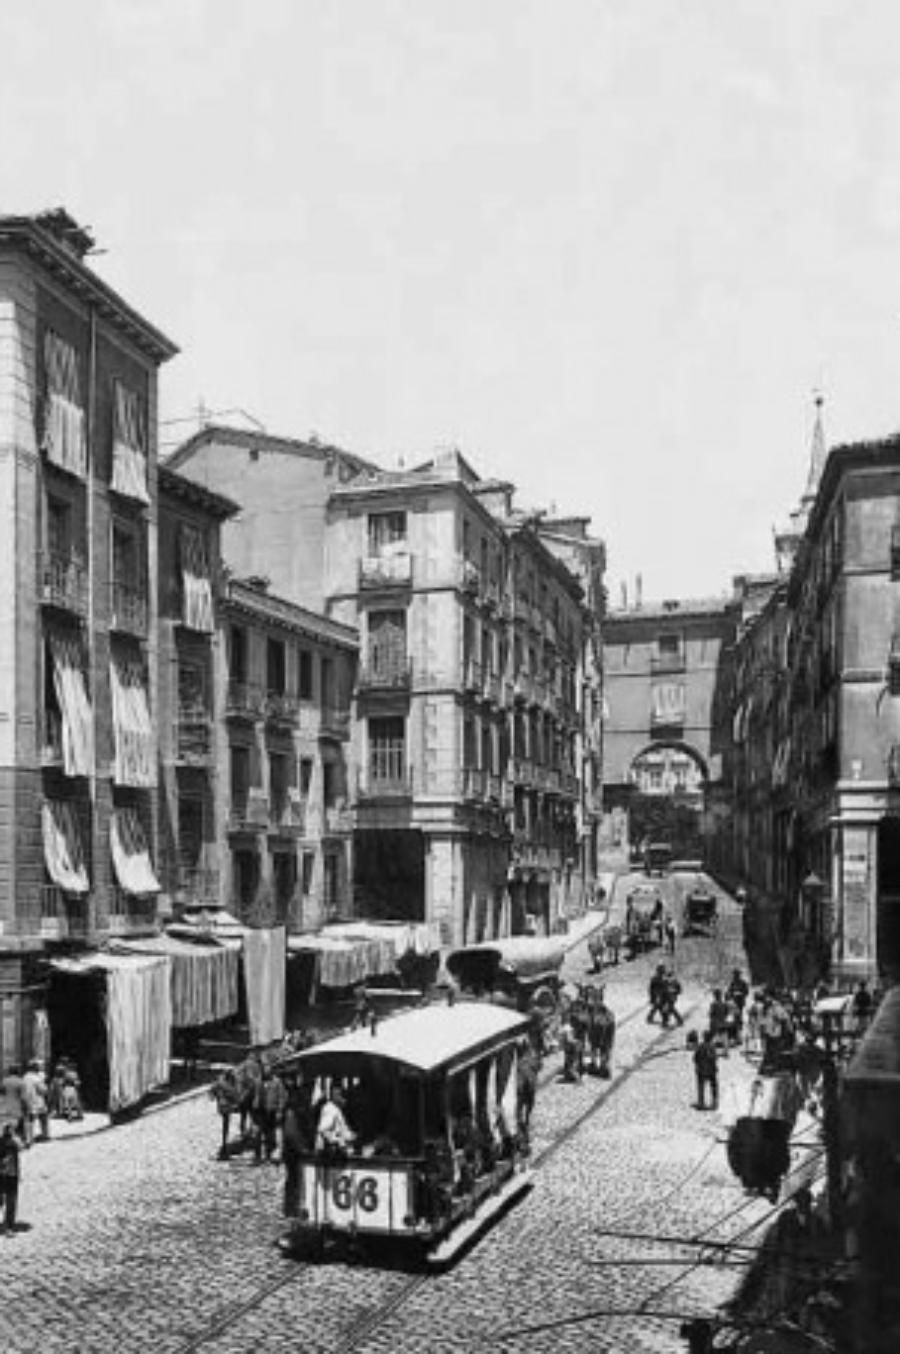 La calle de Toledo en tiempos de Benito Pérez Galdós